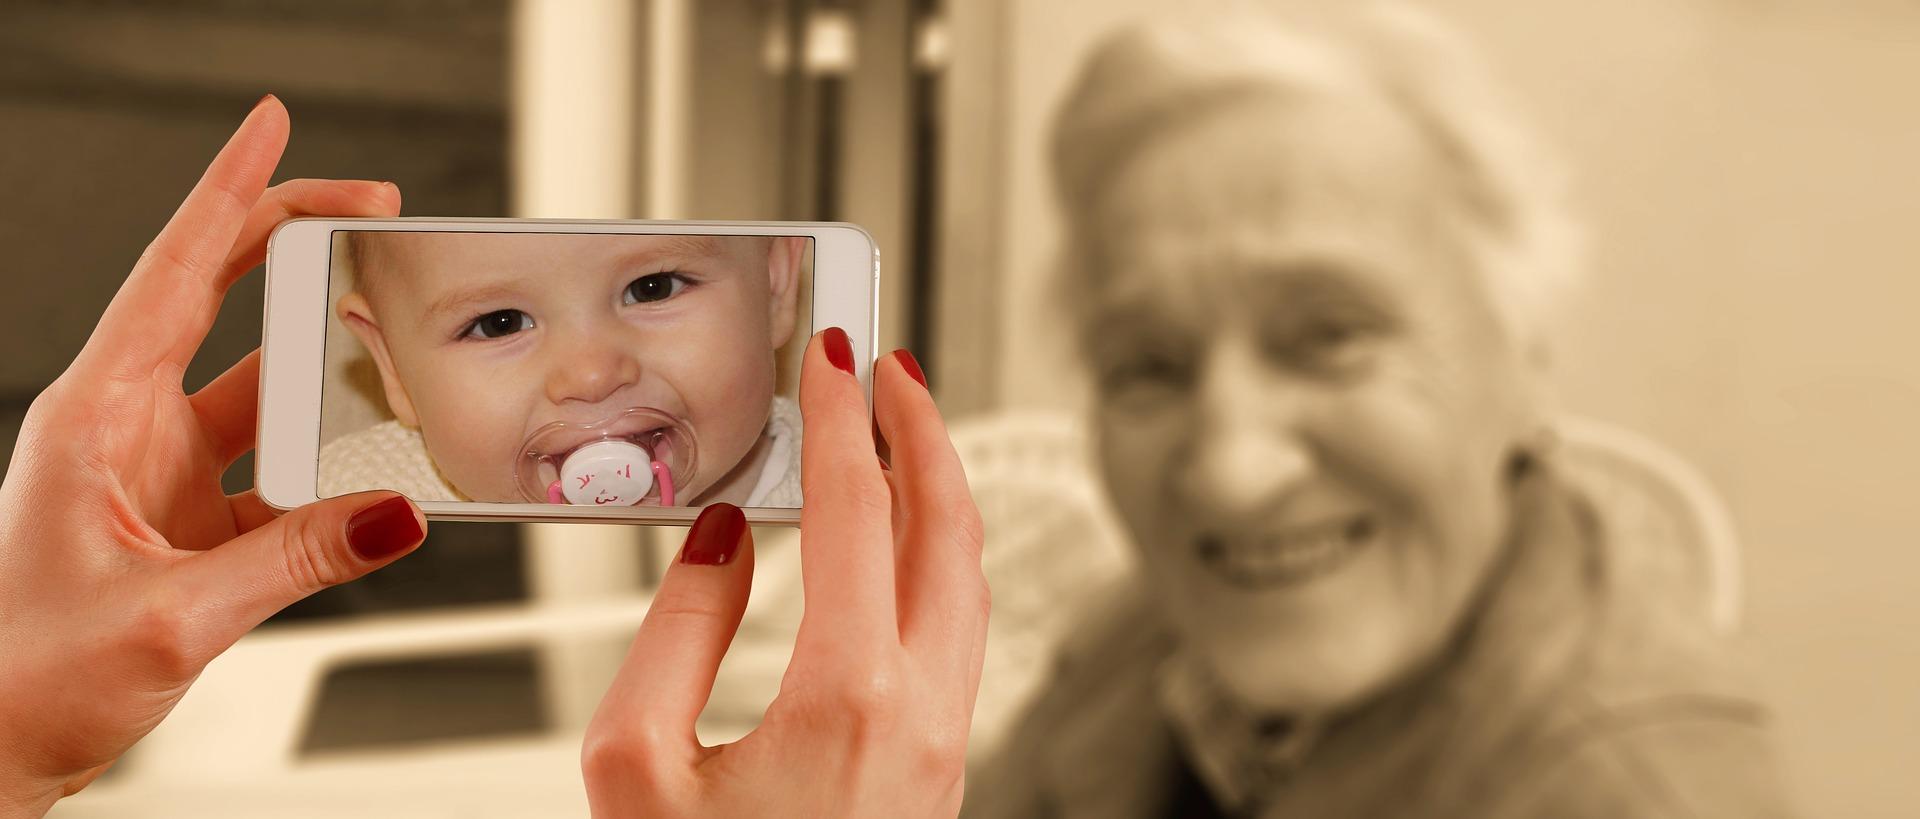 イメージトレーニングは目標達成を助けるか。